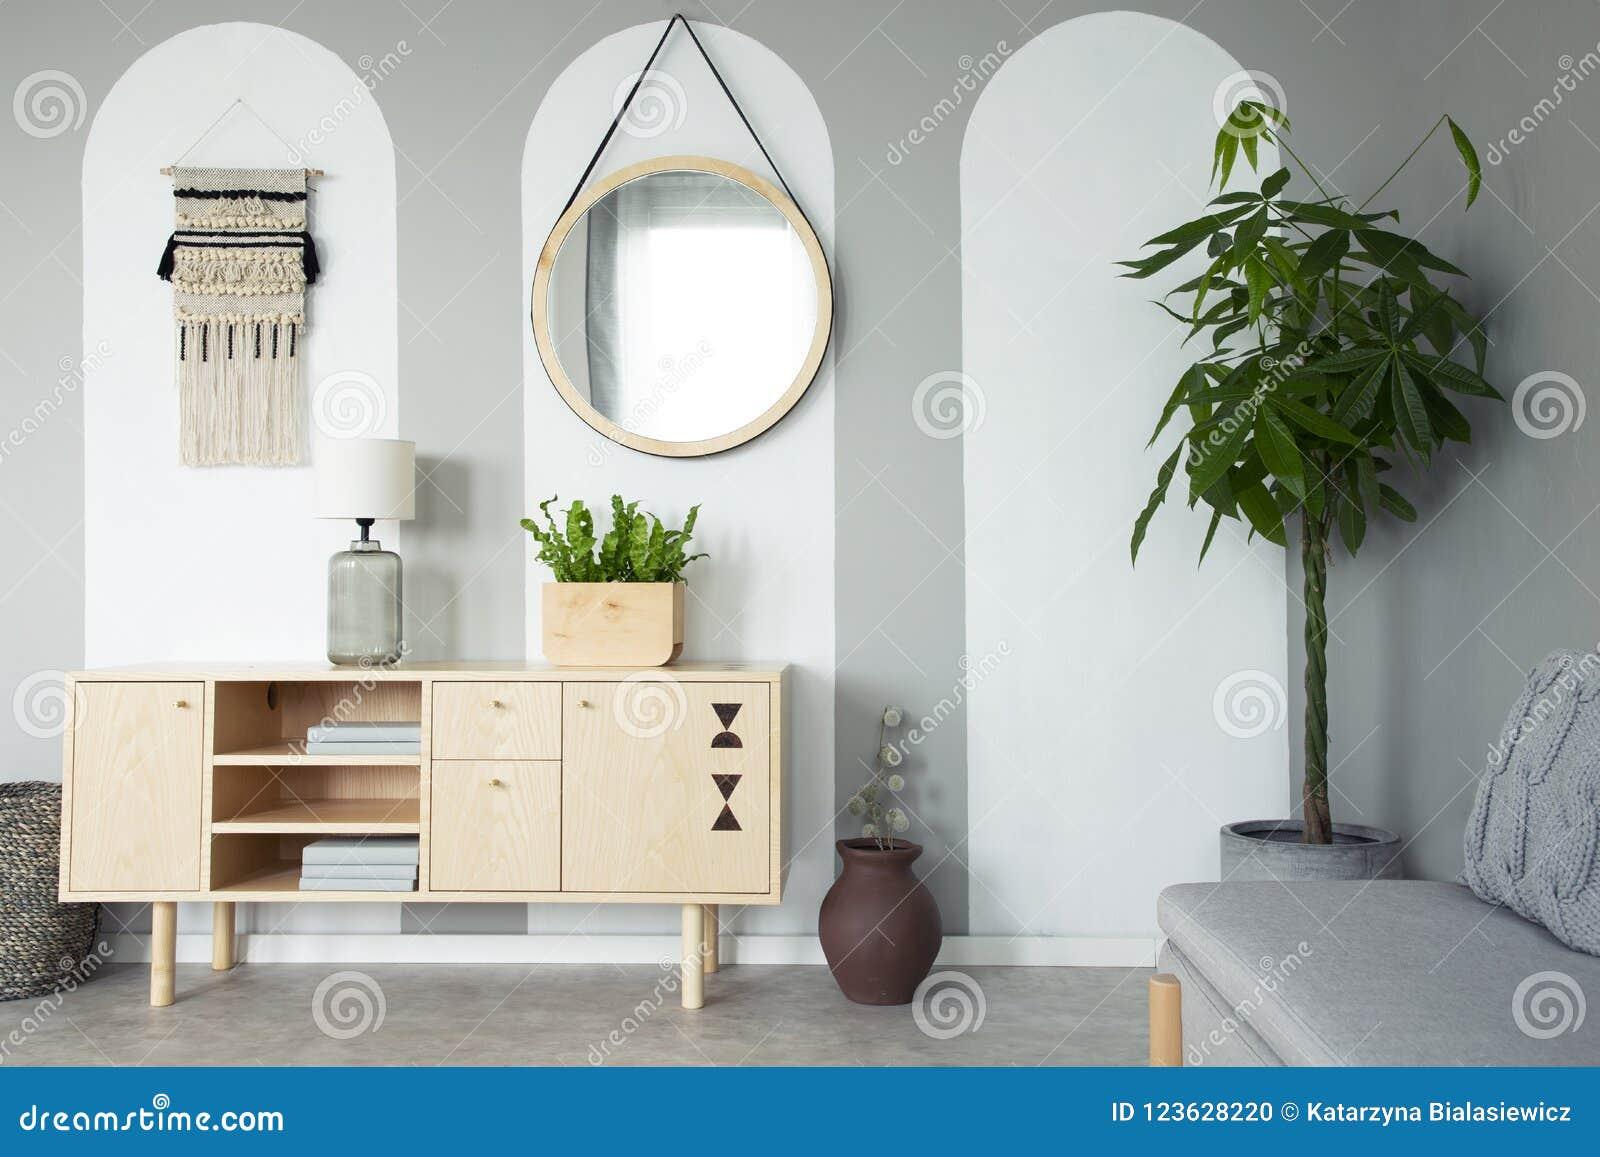 Miroir rond accrochant sur le mur en vraie photo de RO gris de vie